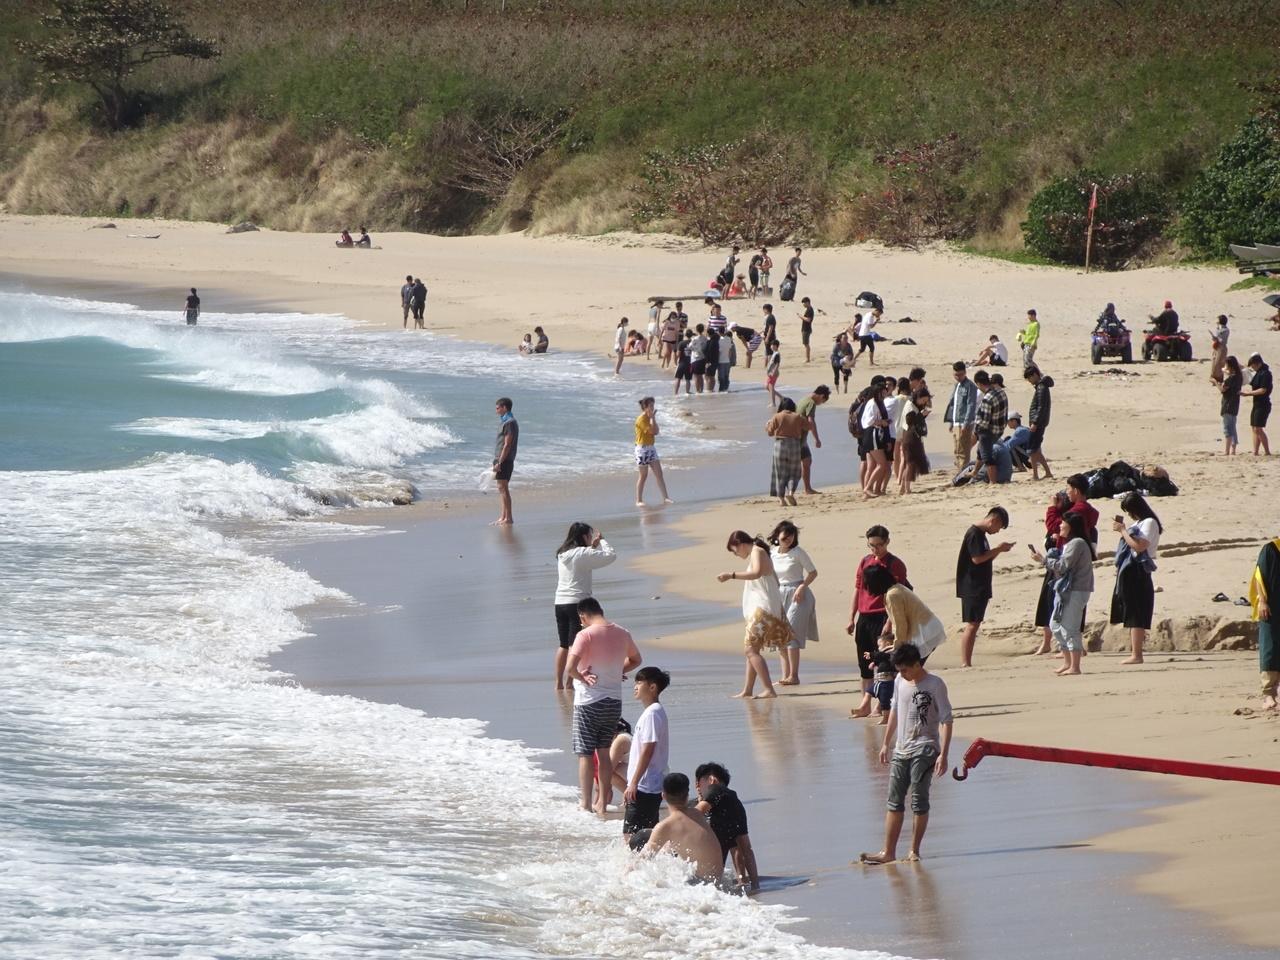 國民旅遊補助確定在月底落幕,不再延續,觀光業者擔心過完年後就馬上有一波裁員、倒閉潮。 圖/聯合報系資料照片